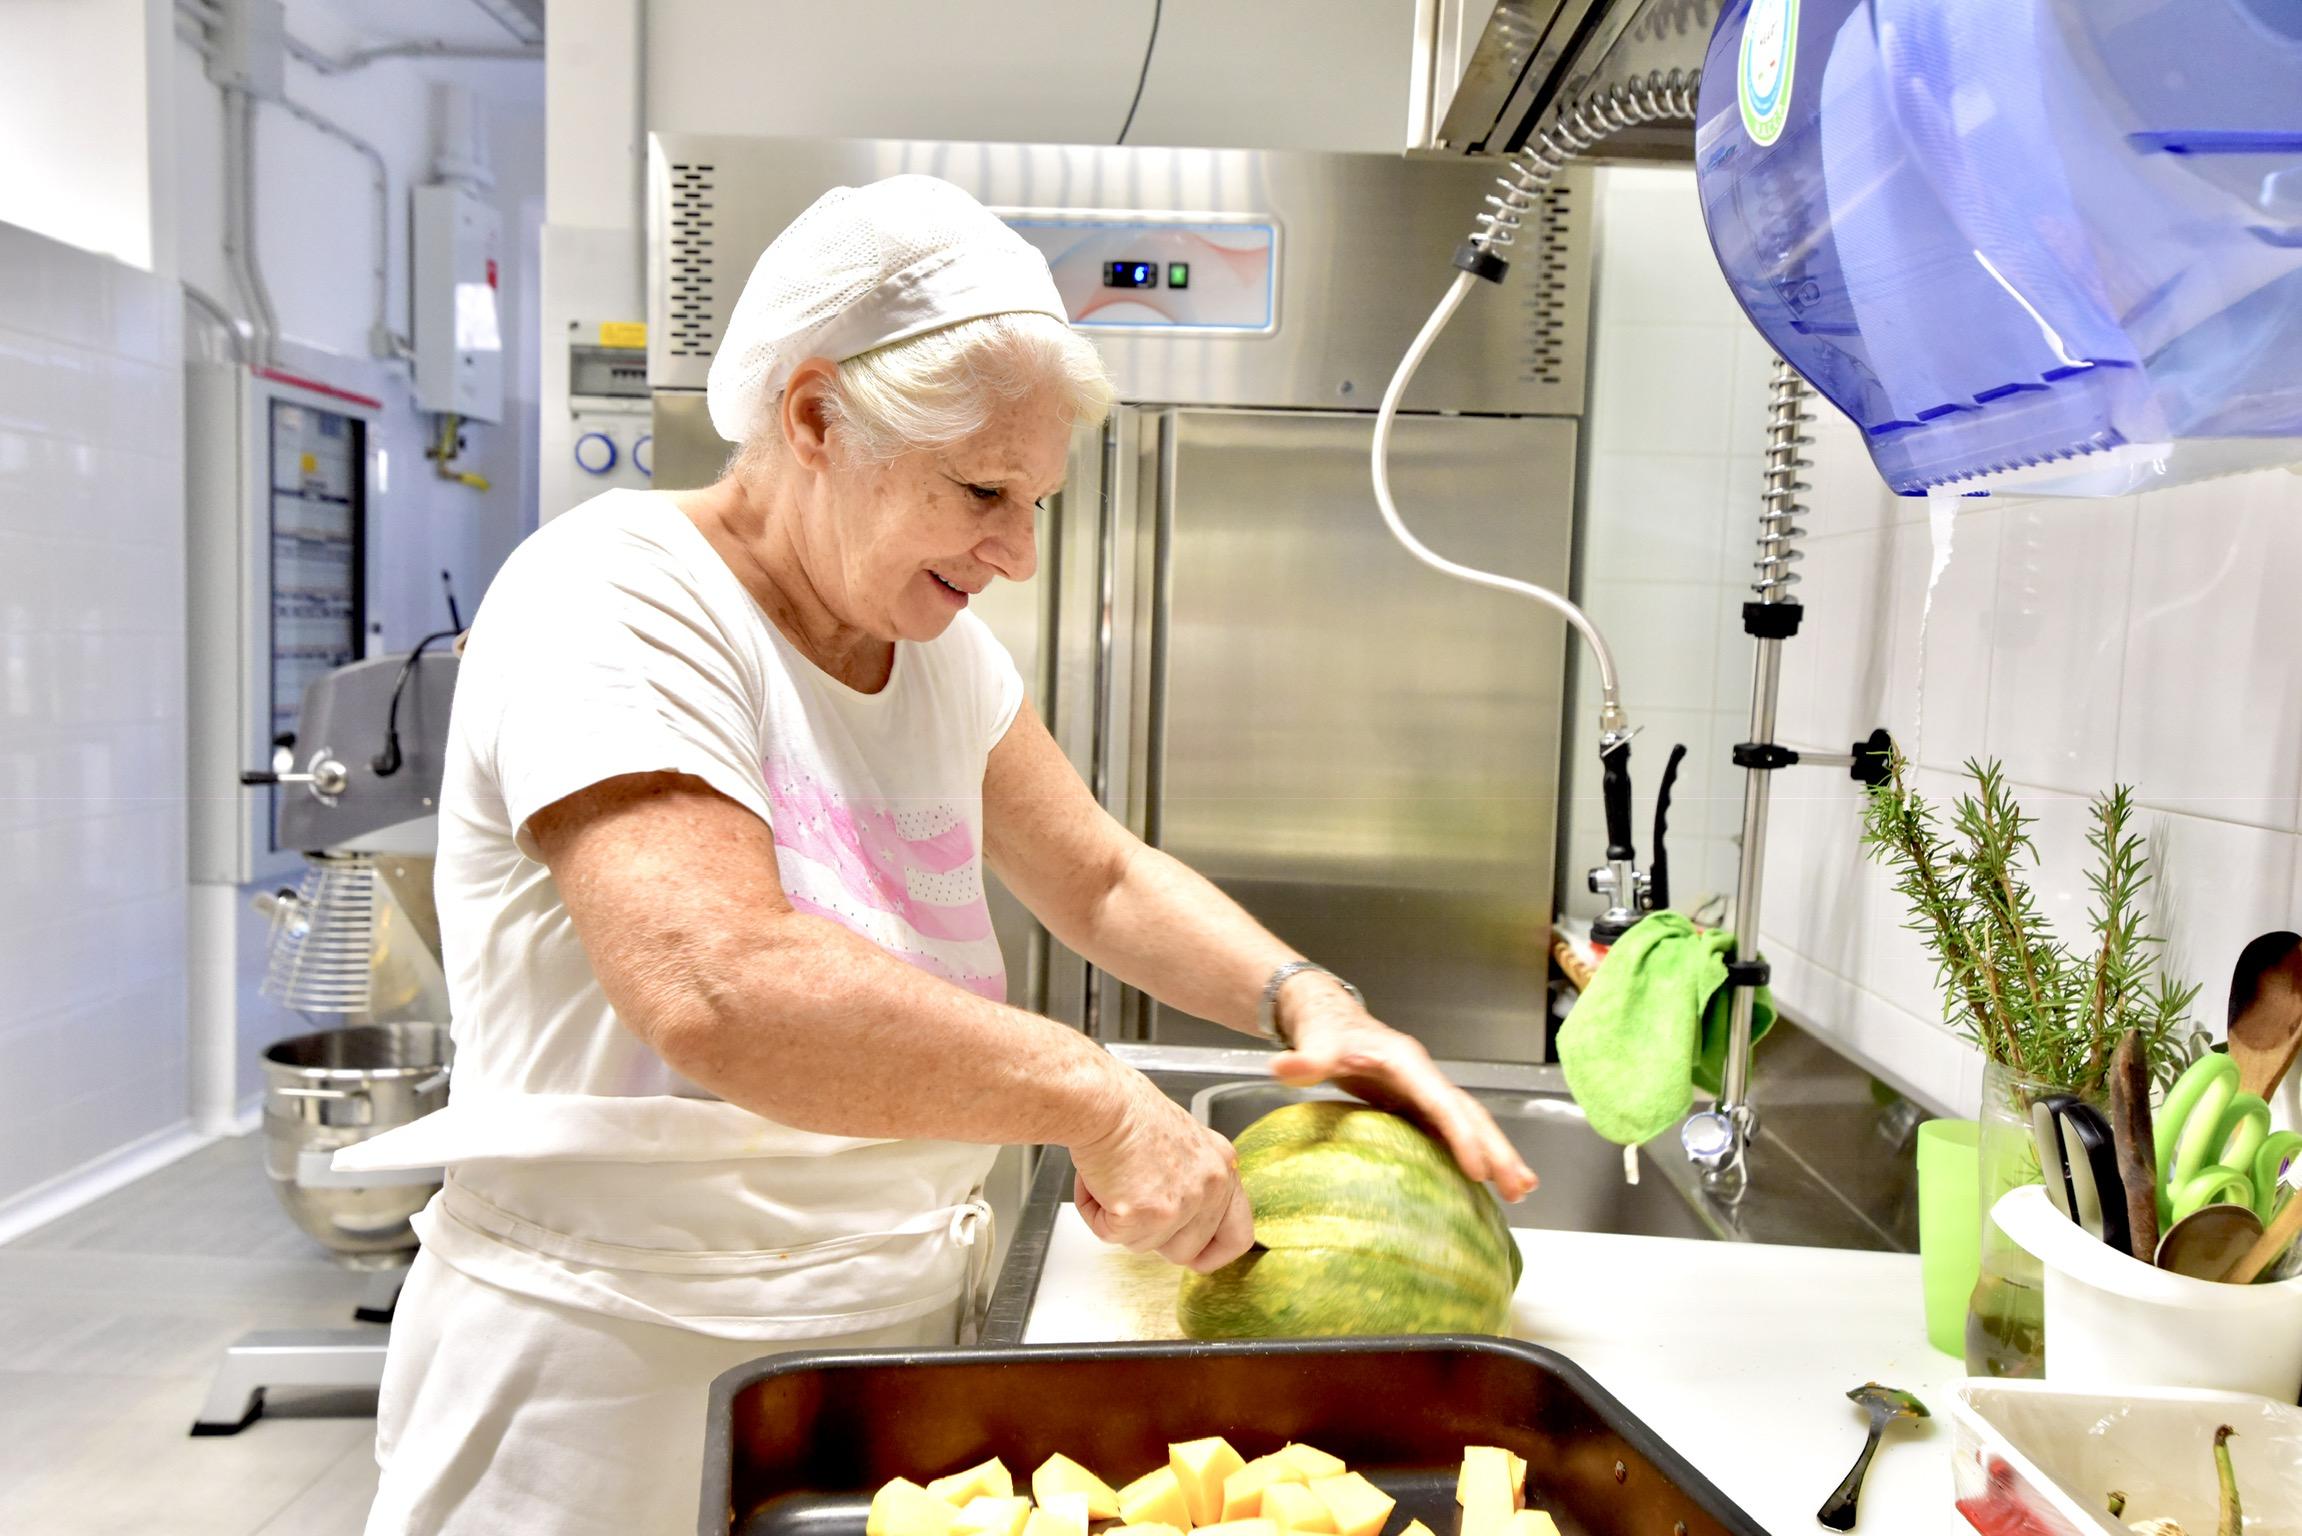 イタリア料理はマンマの料理とも言われます